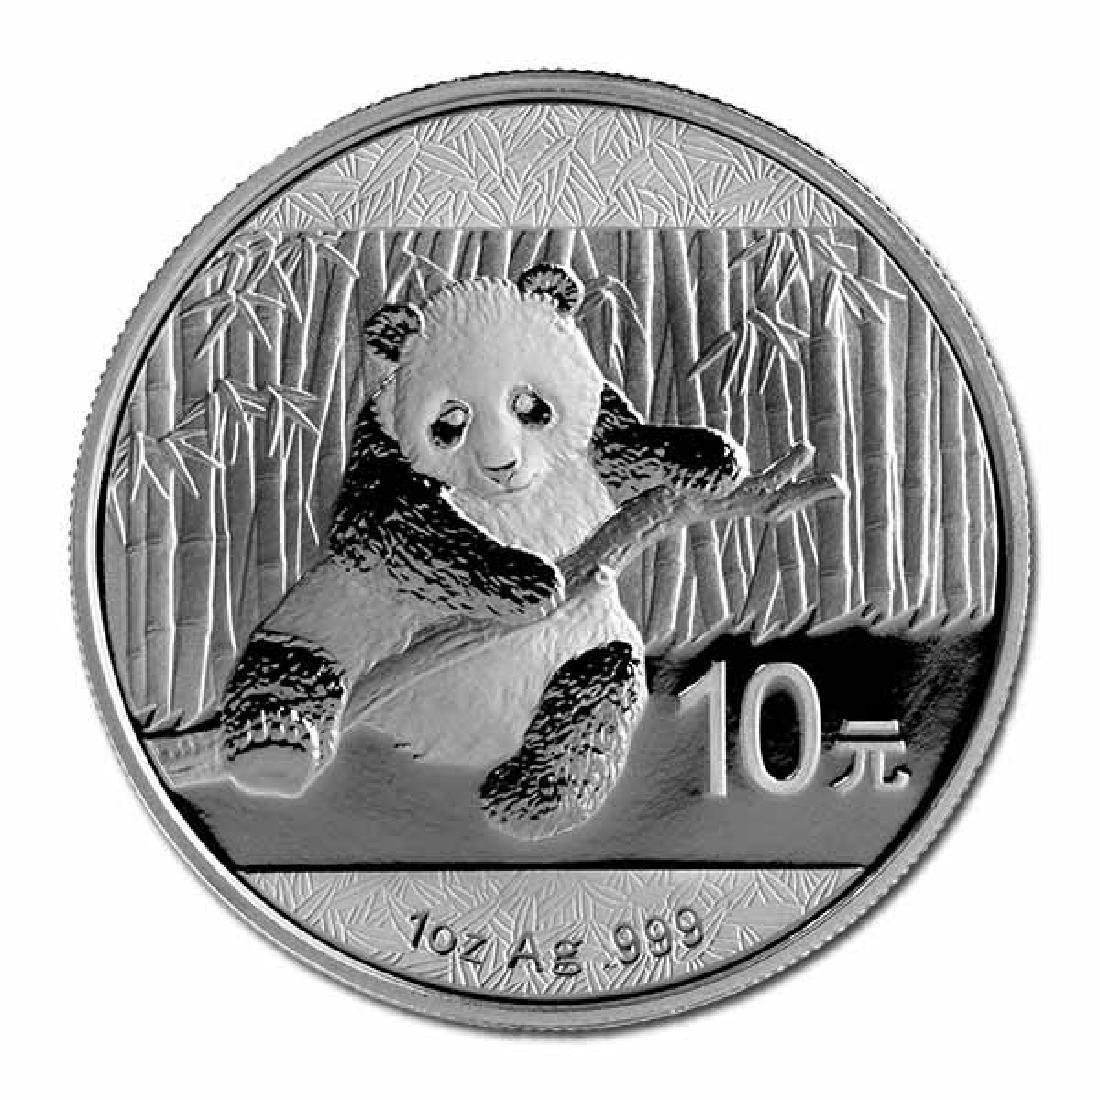 2014 Chinese Silver Panda 1 oz